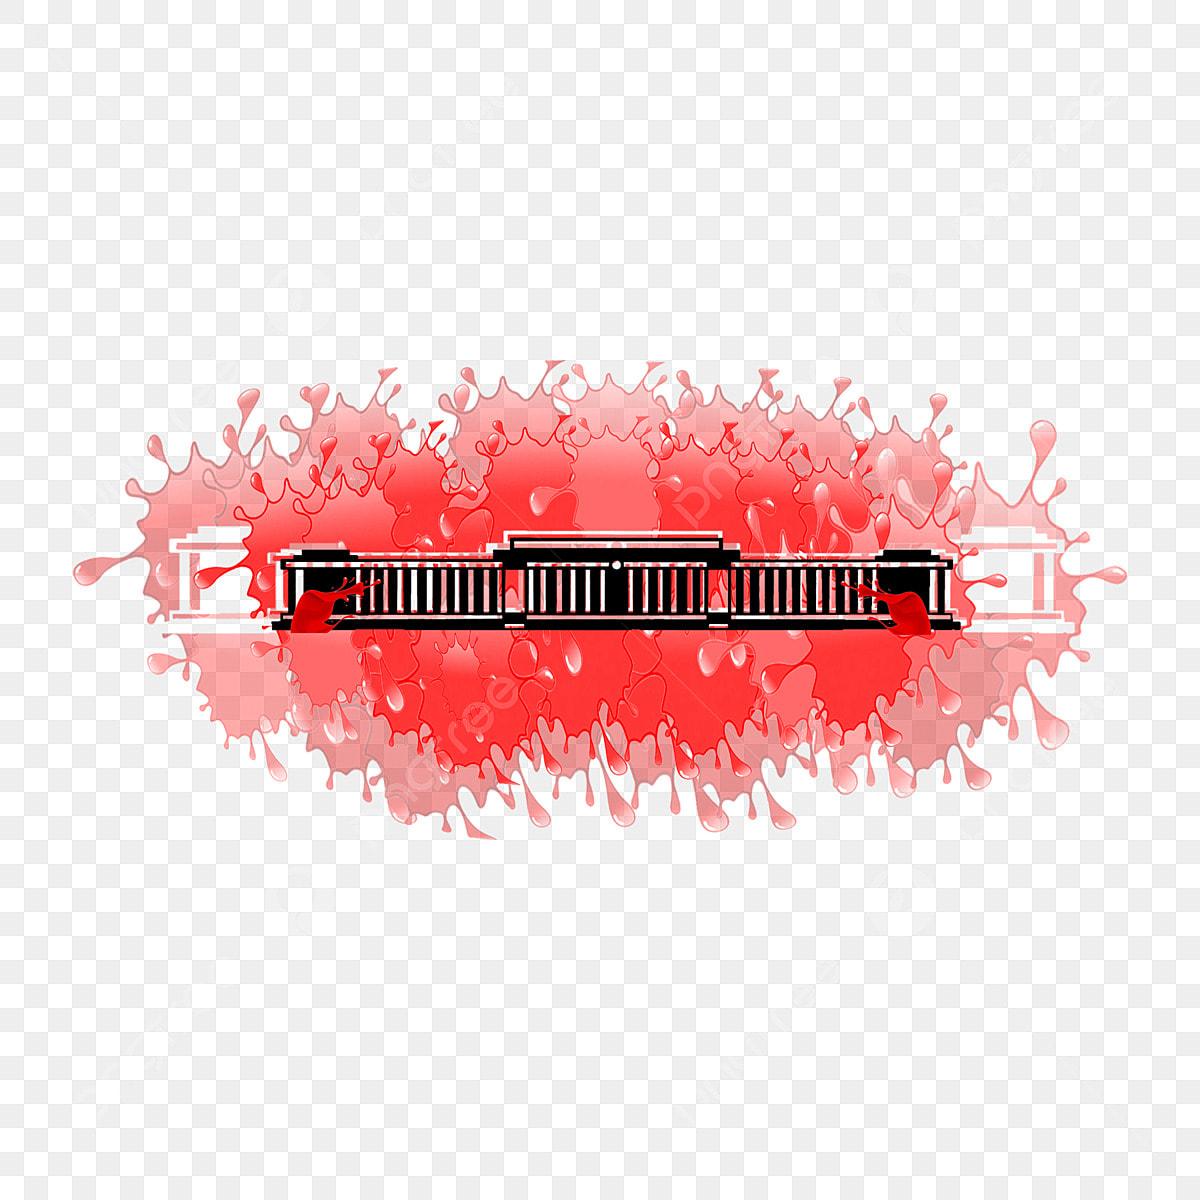 Gambar Sekolah Kartun Paris Gerbang Oriental Komuniti Sederhana Dakwat Png Dan Psd Untuk Muat Turun Percuma